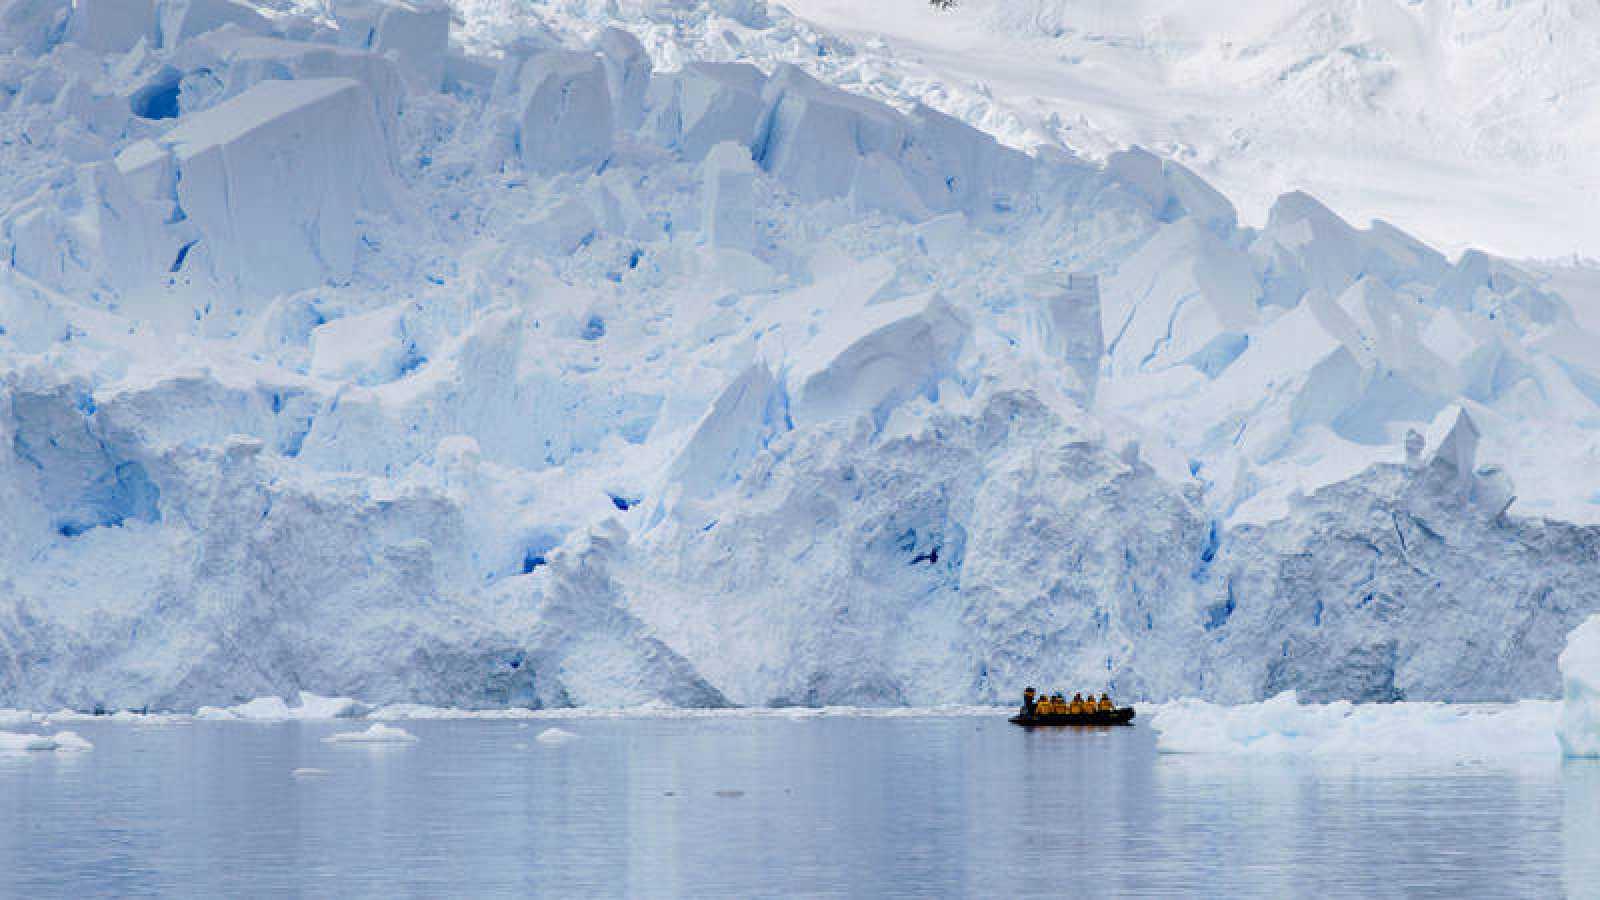 Las muestras fueron recogidas entre 2009 y 2013 dentro del proyecto de exploración de los océanos Tara.